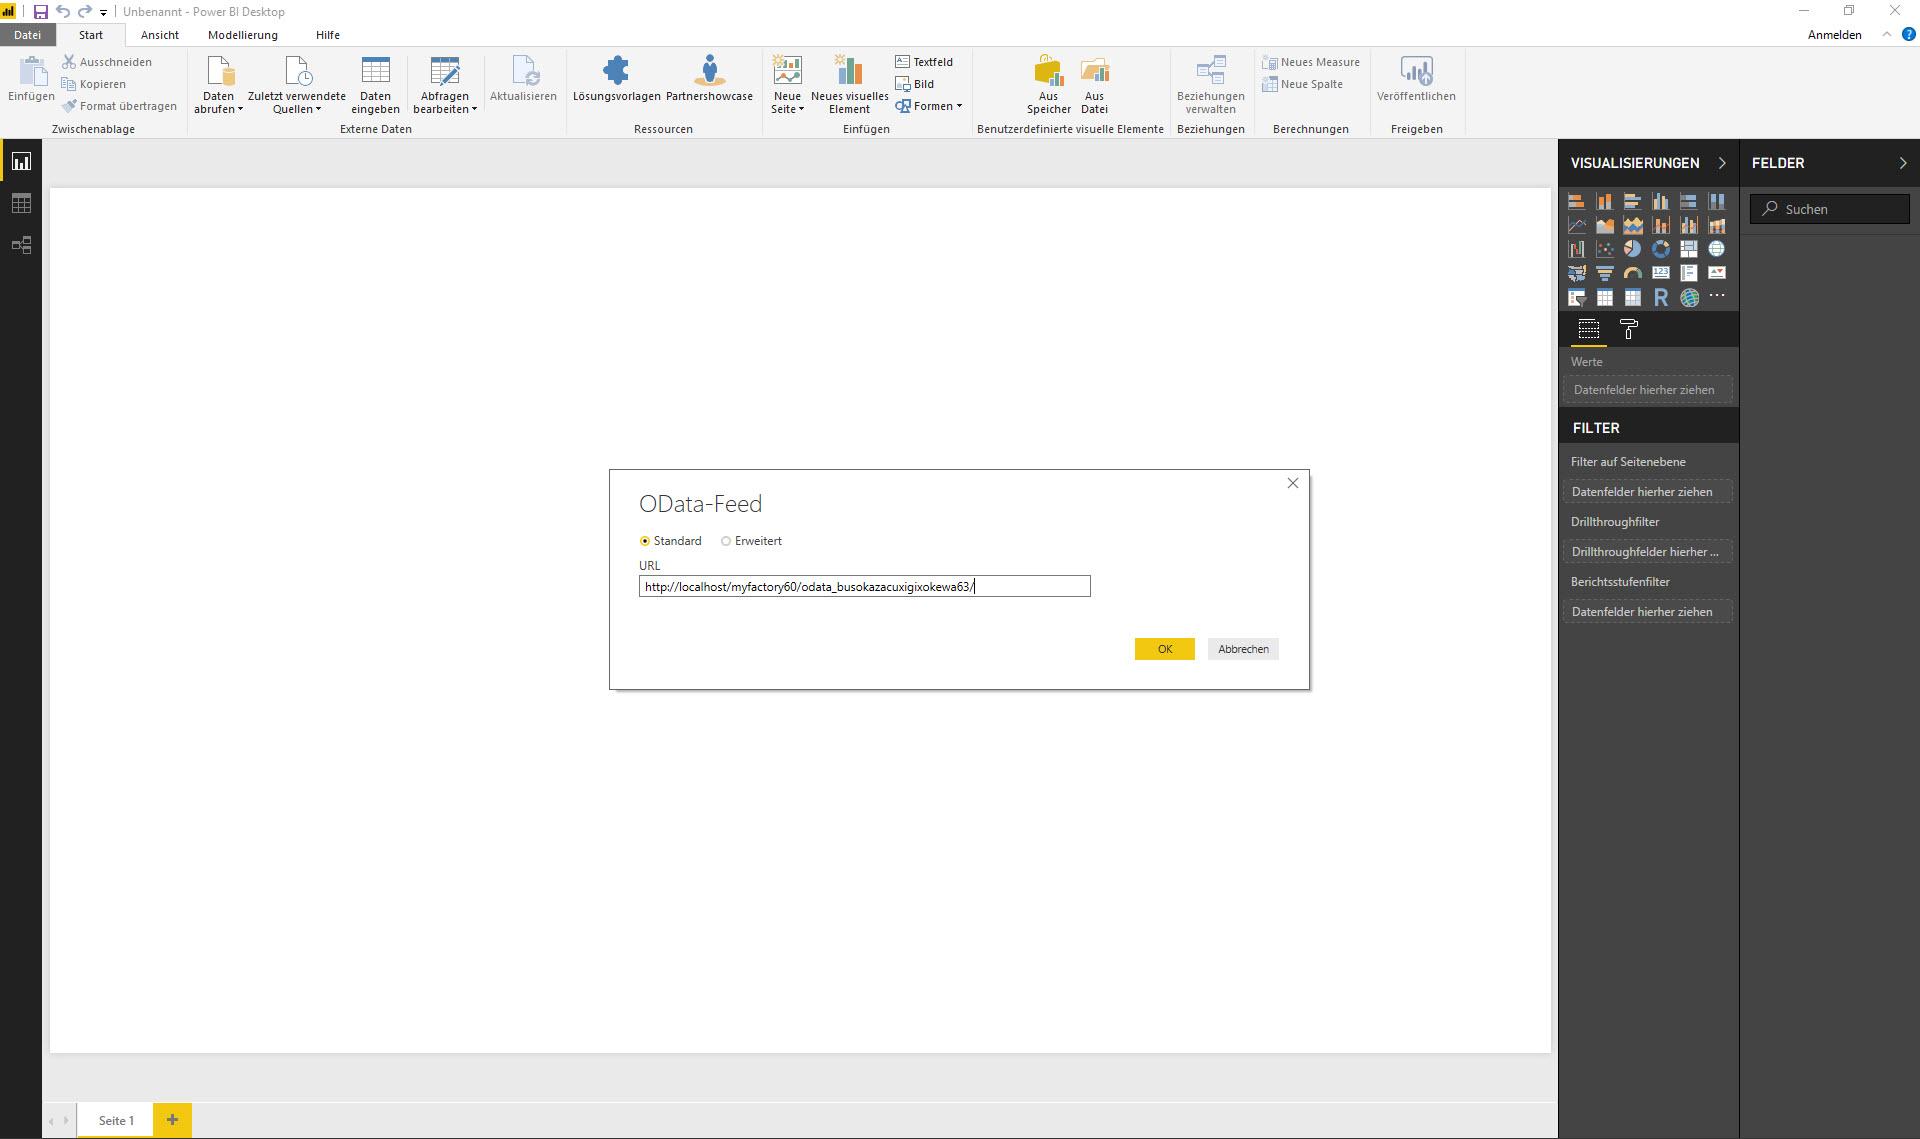 myfactory als Datenquelle: Die REST API für die Microsoft PowerBI-Auswertung nutzen 4